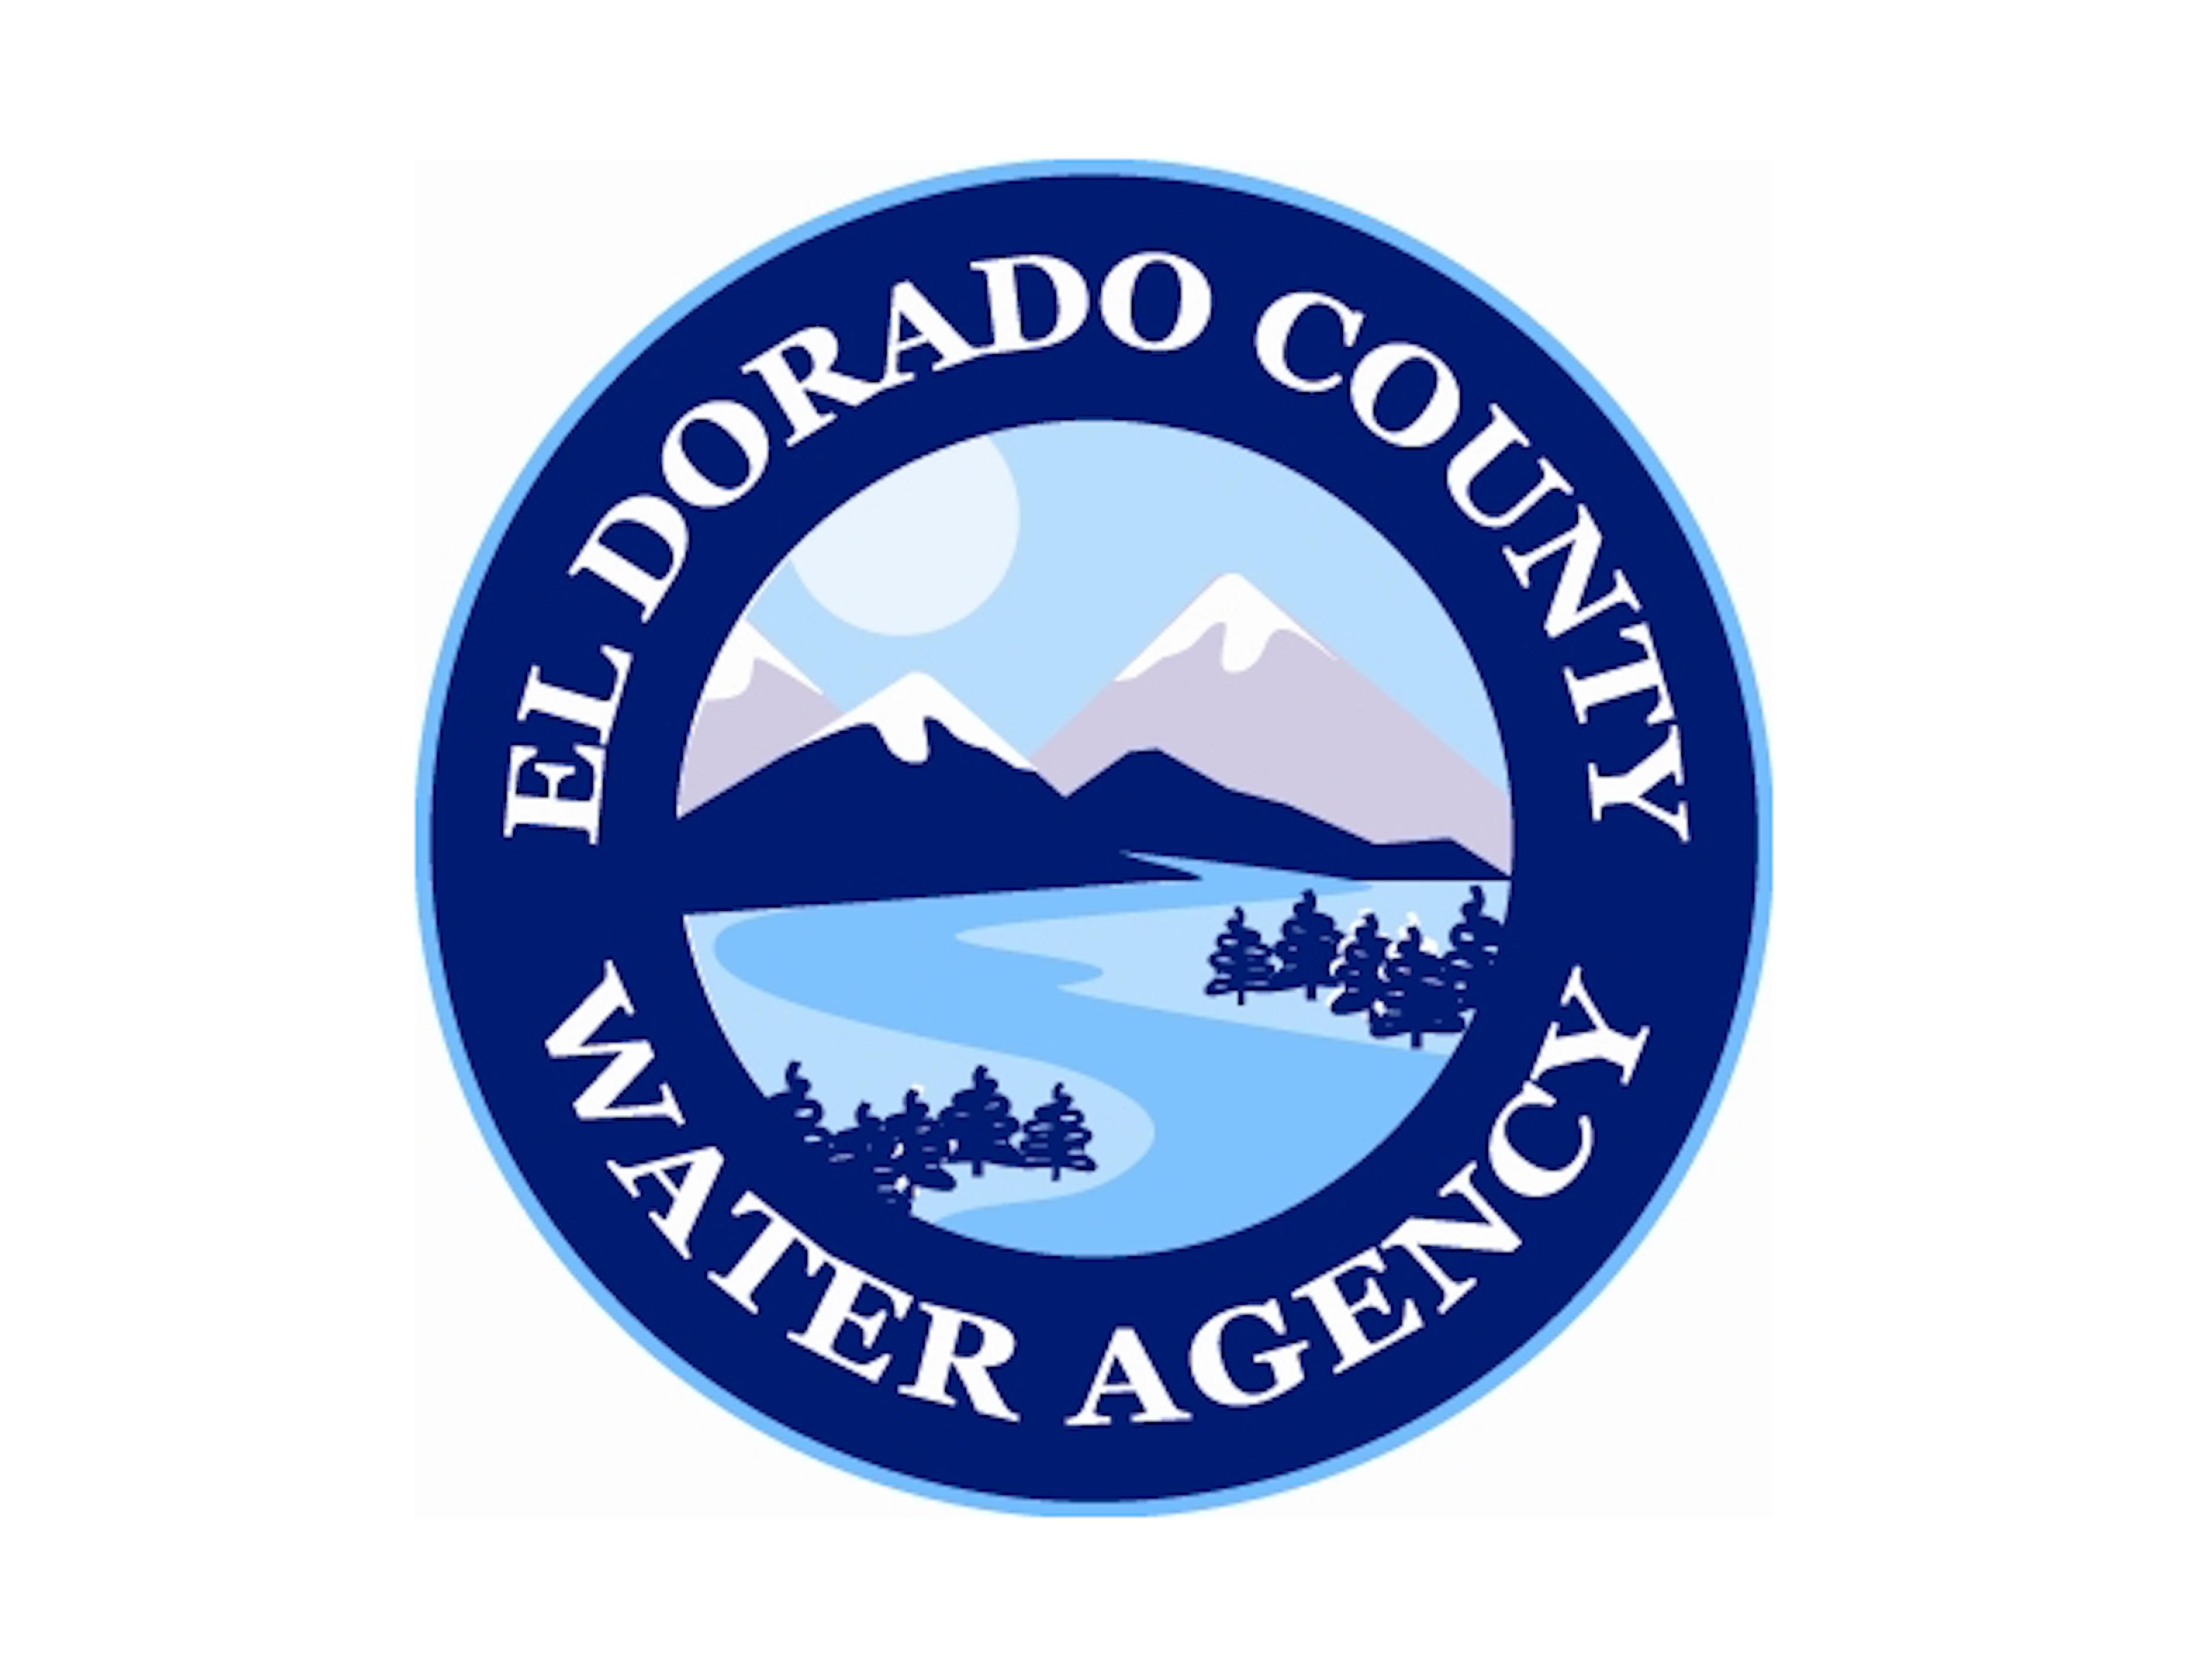 El Dorado County Water Agency logo